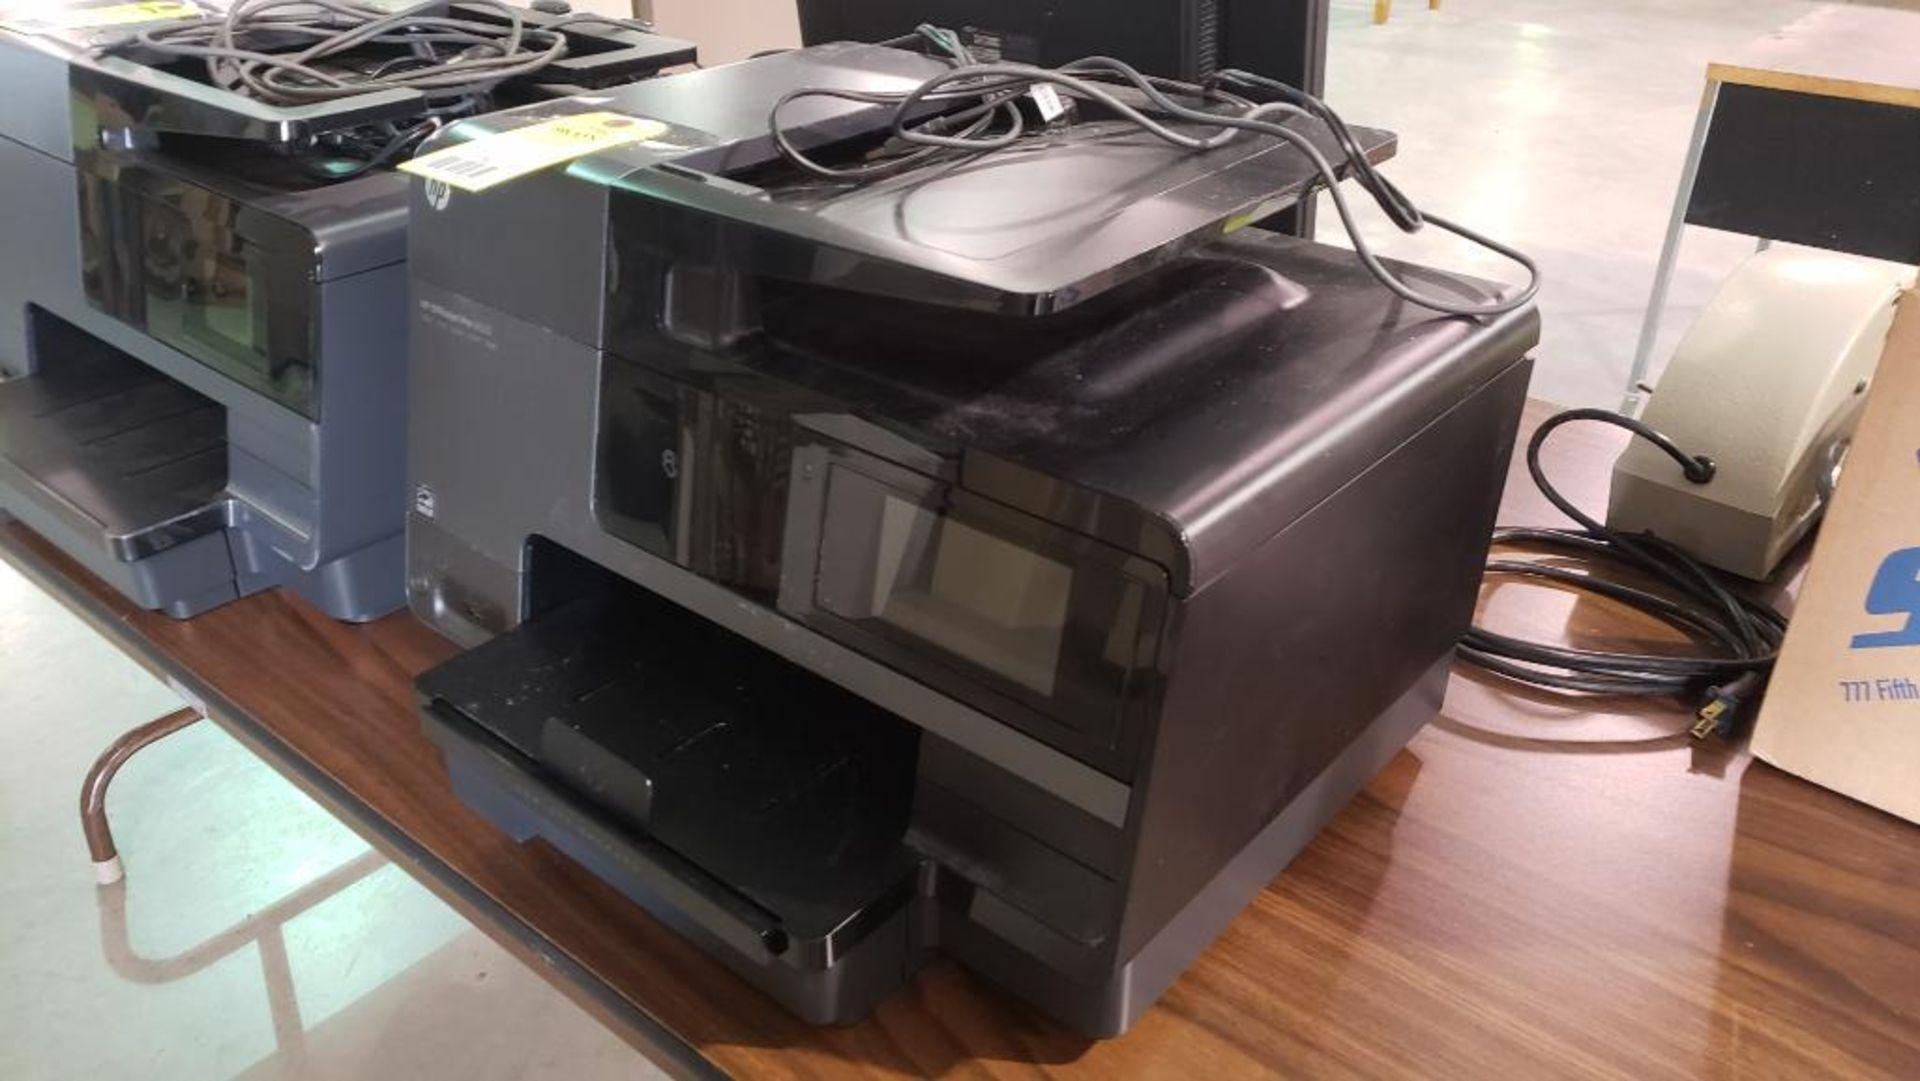 Lot 19 - Hp officejet pro model 8620 all in one printer scanner copier.